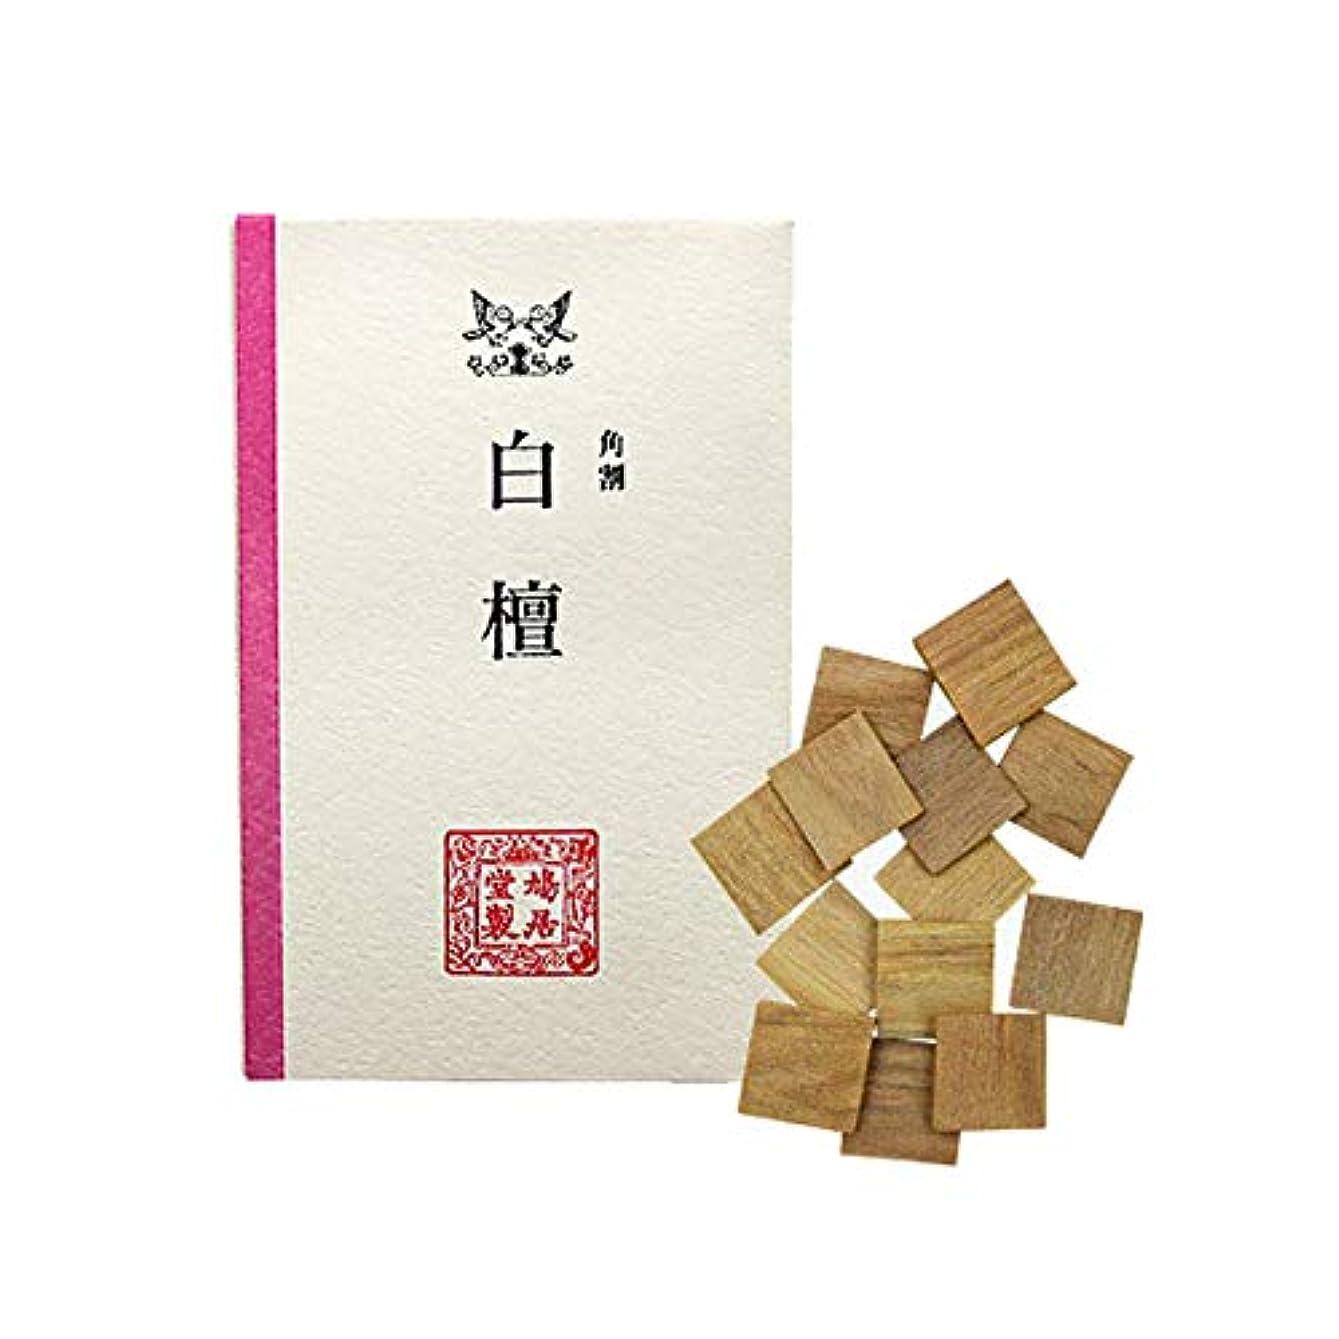 体現する形式キャンドルM 茶道具 香 香木 鳩居堂 角割 白檀 (海外発送不可)ほんぢ園